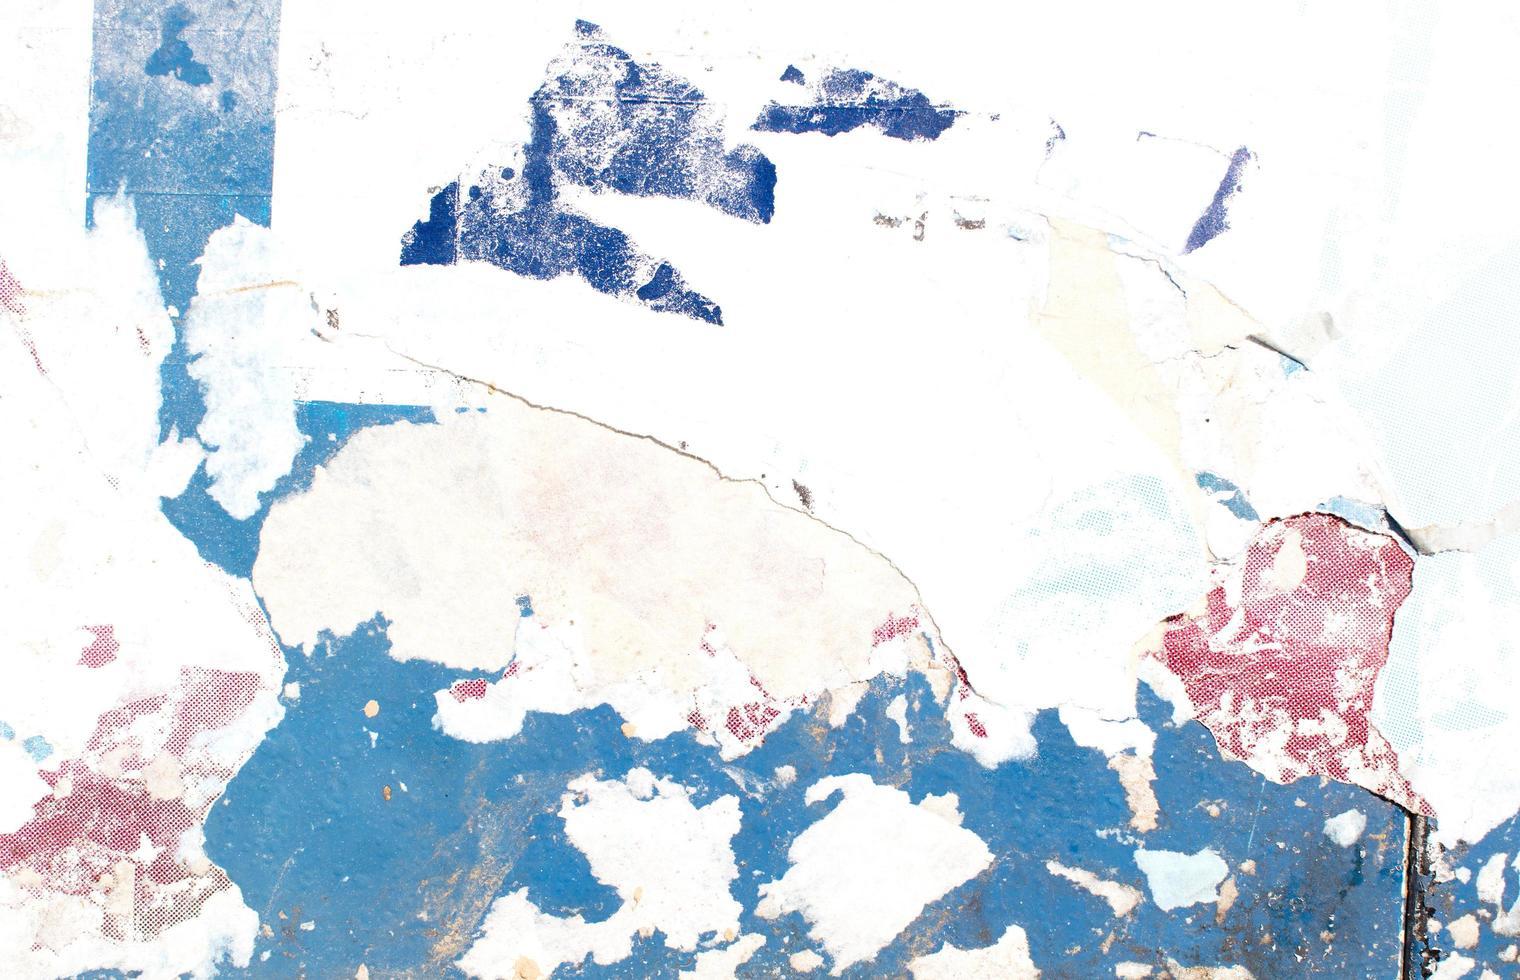 afgebroken blauwe en rode verf foto